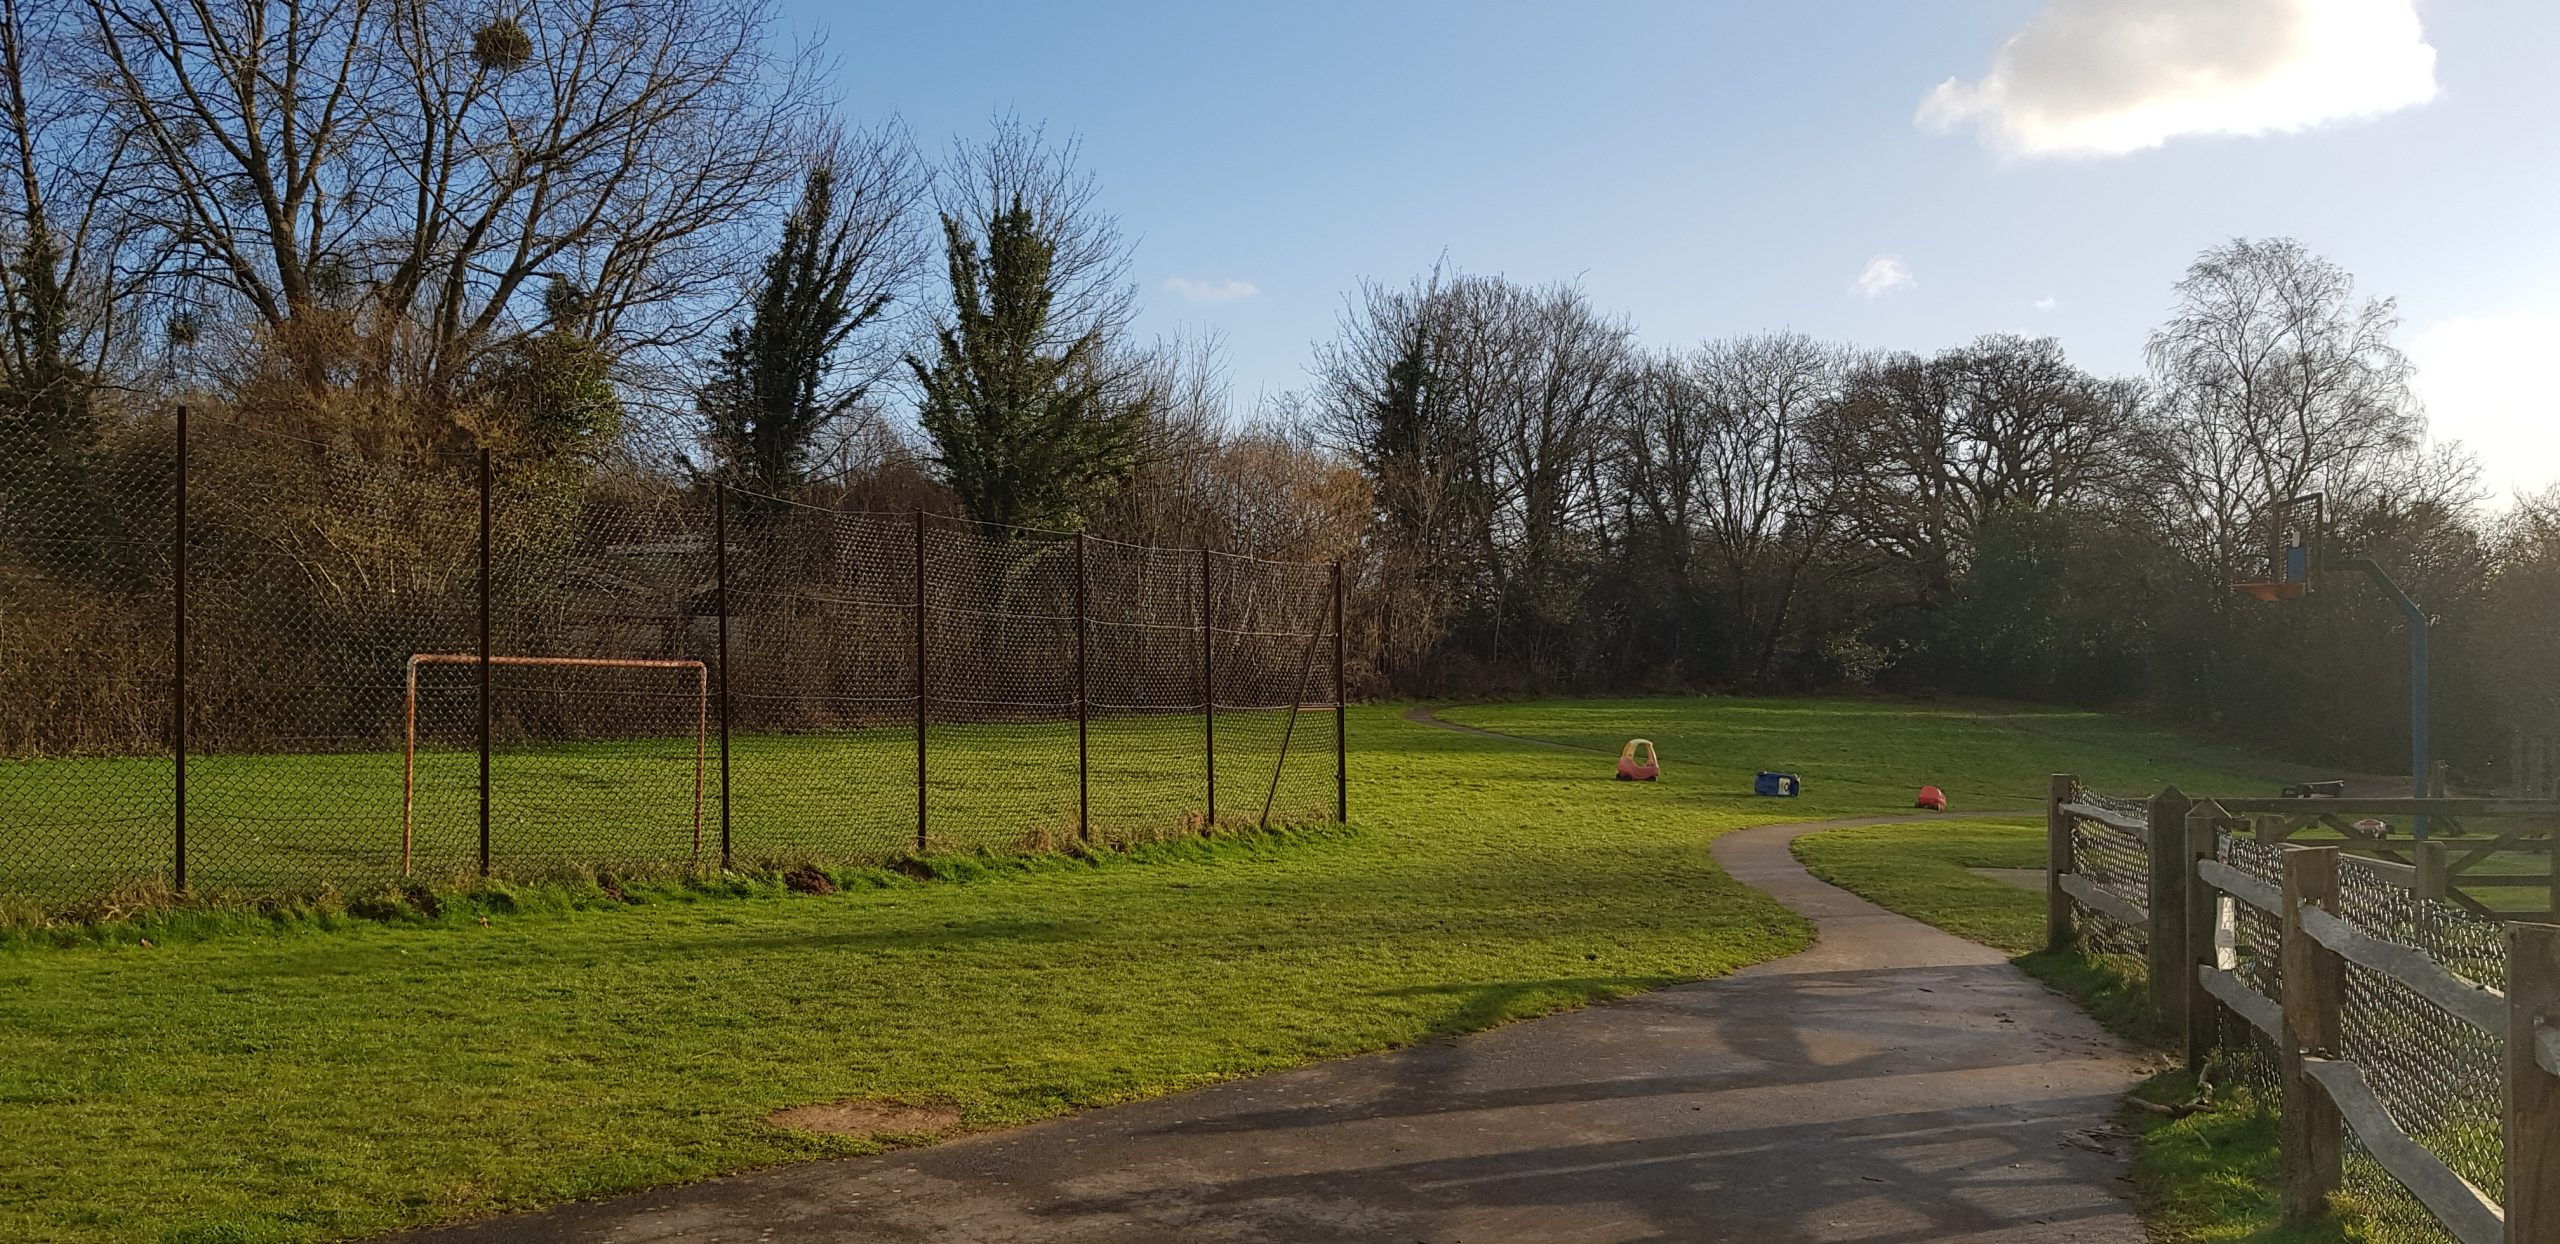 photograph of hurst green children's park